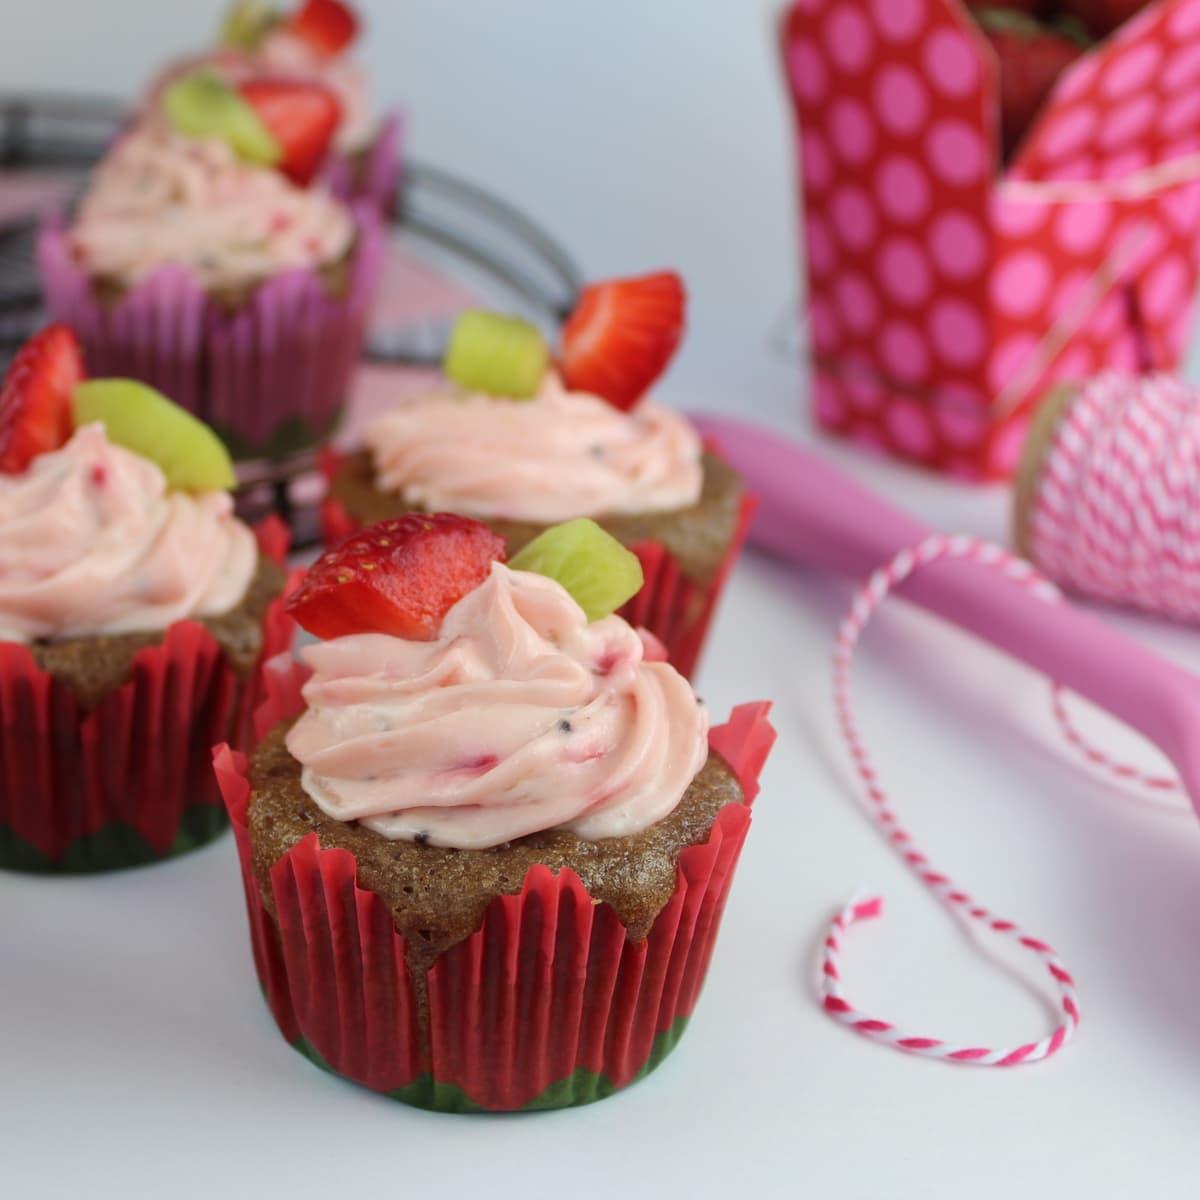 Strawberry Kiwi Cupcakes with Strawberry Kiwi Creamy Frosting